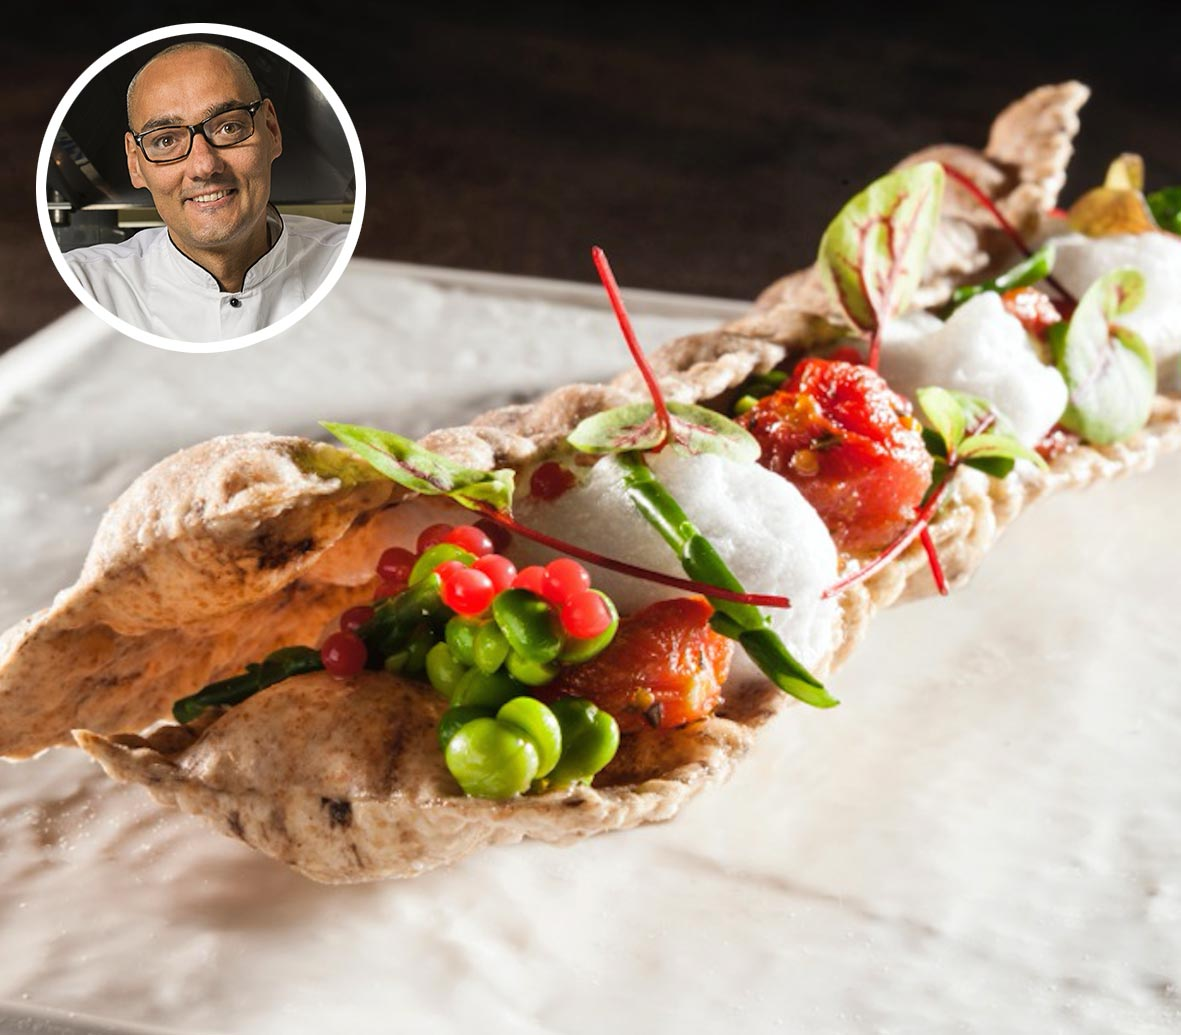 Corso di cucina vegana – Ottobre 2017 – Corso di alta cucina vegetale (sessione autunnale) – Simone Salvini